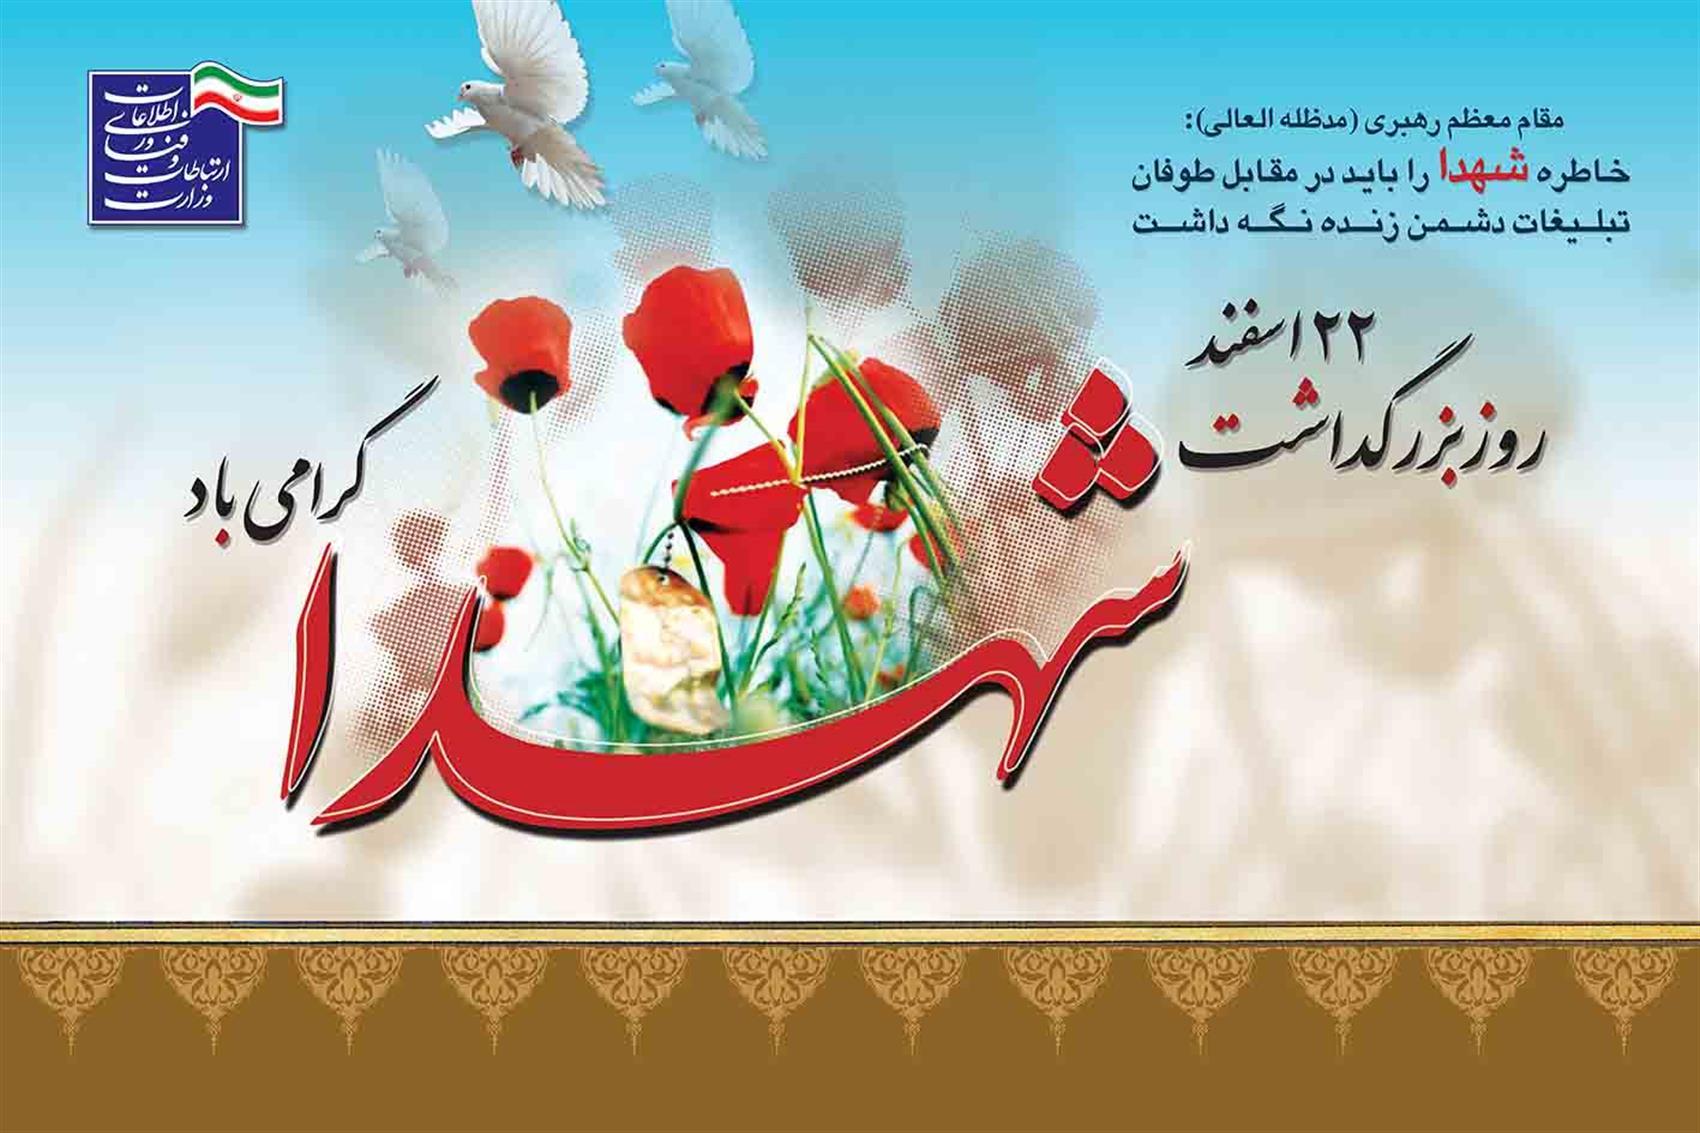 پیام وزیر ارتباطات و فناوری اطلاعات به مناسبت روز شهید